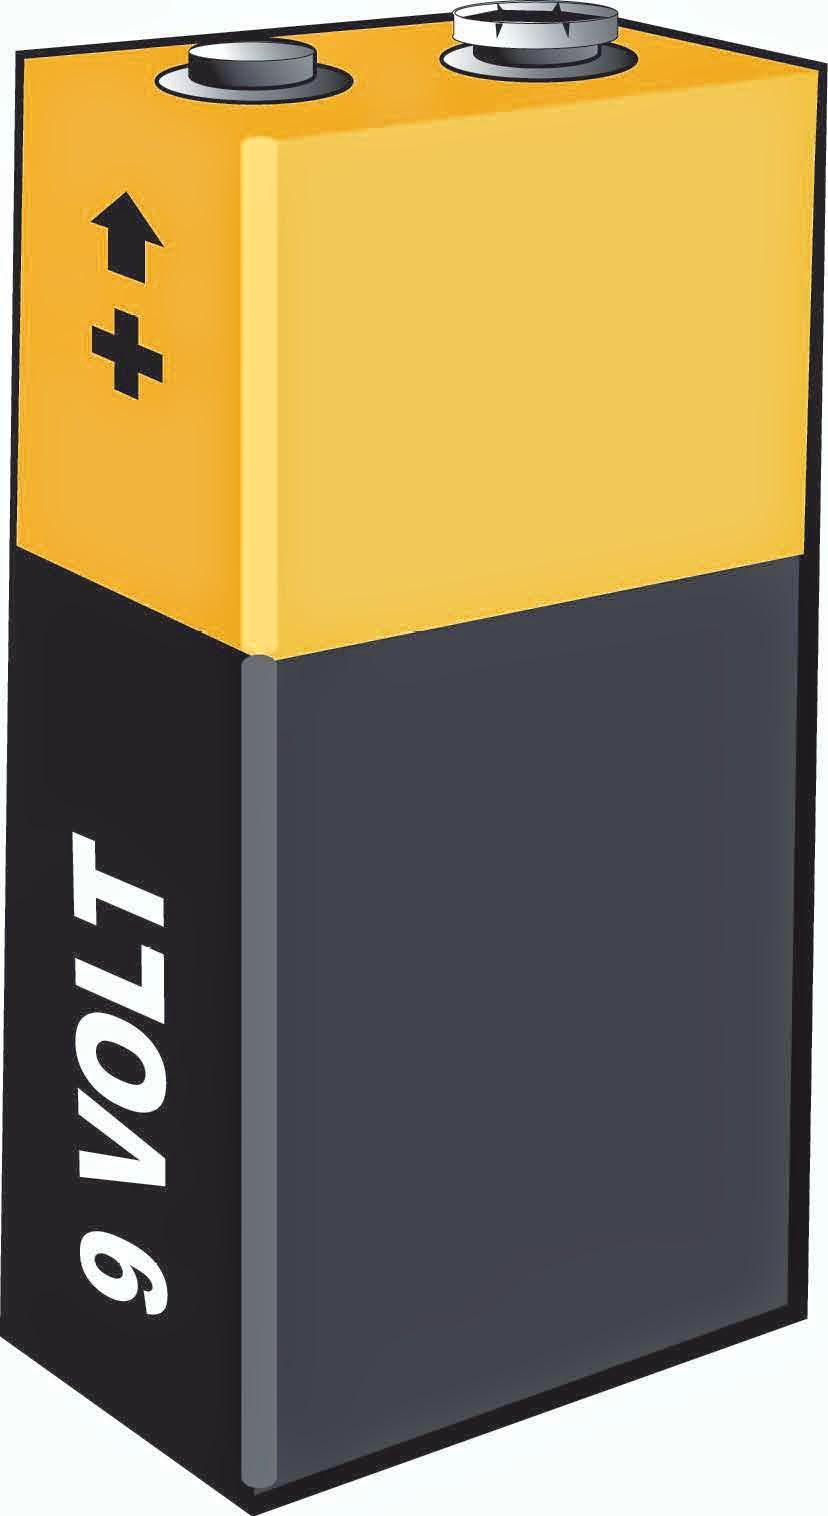 seguridad y salud ocupacional seguridad con las bater as de 9 voltios. Black Bedroom Furniture Sets. Home Design Ideas